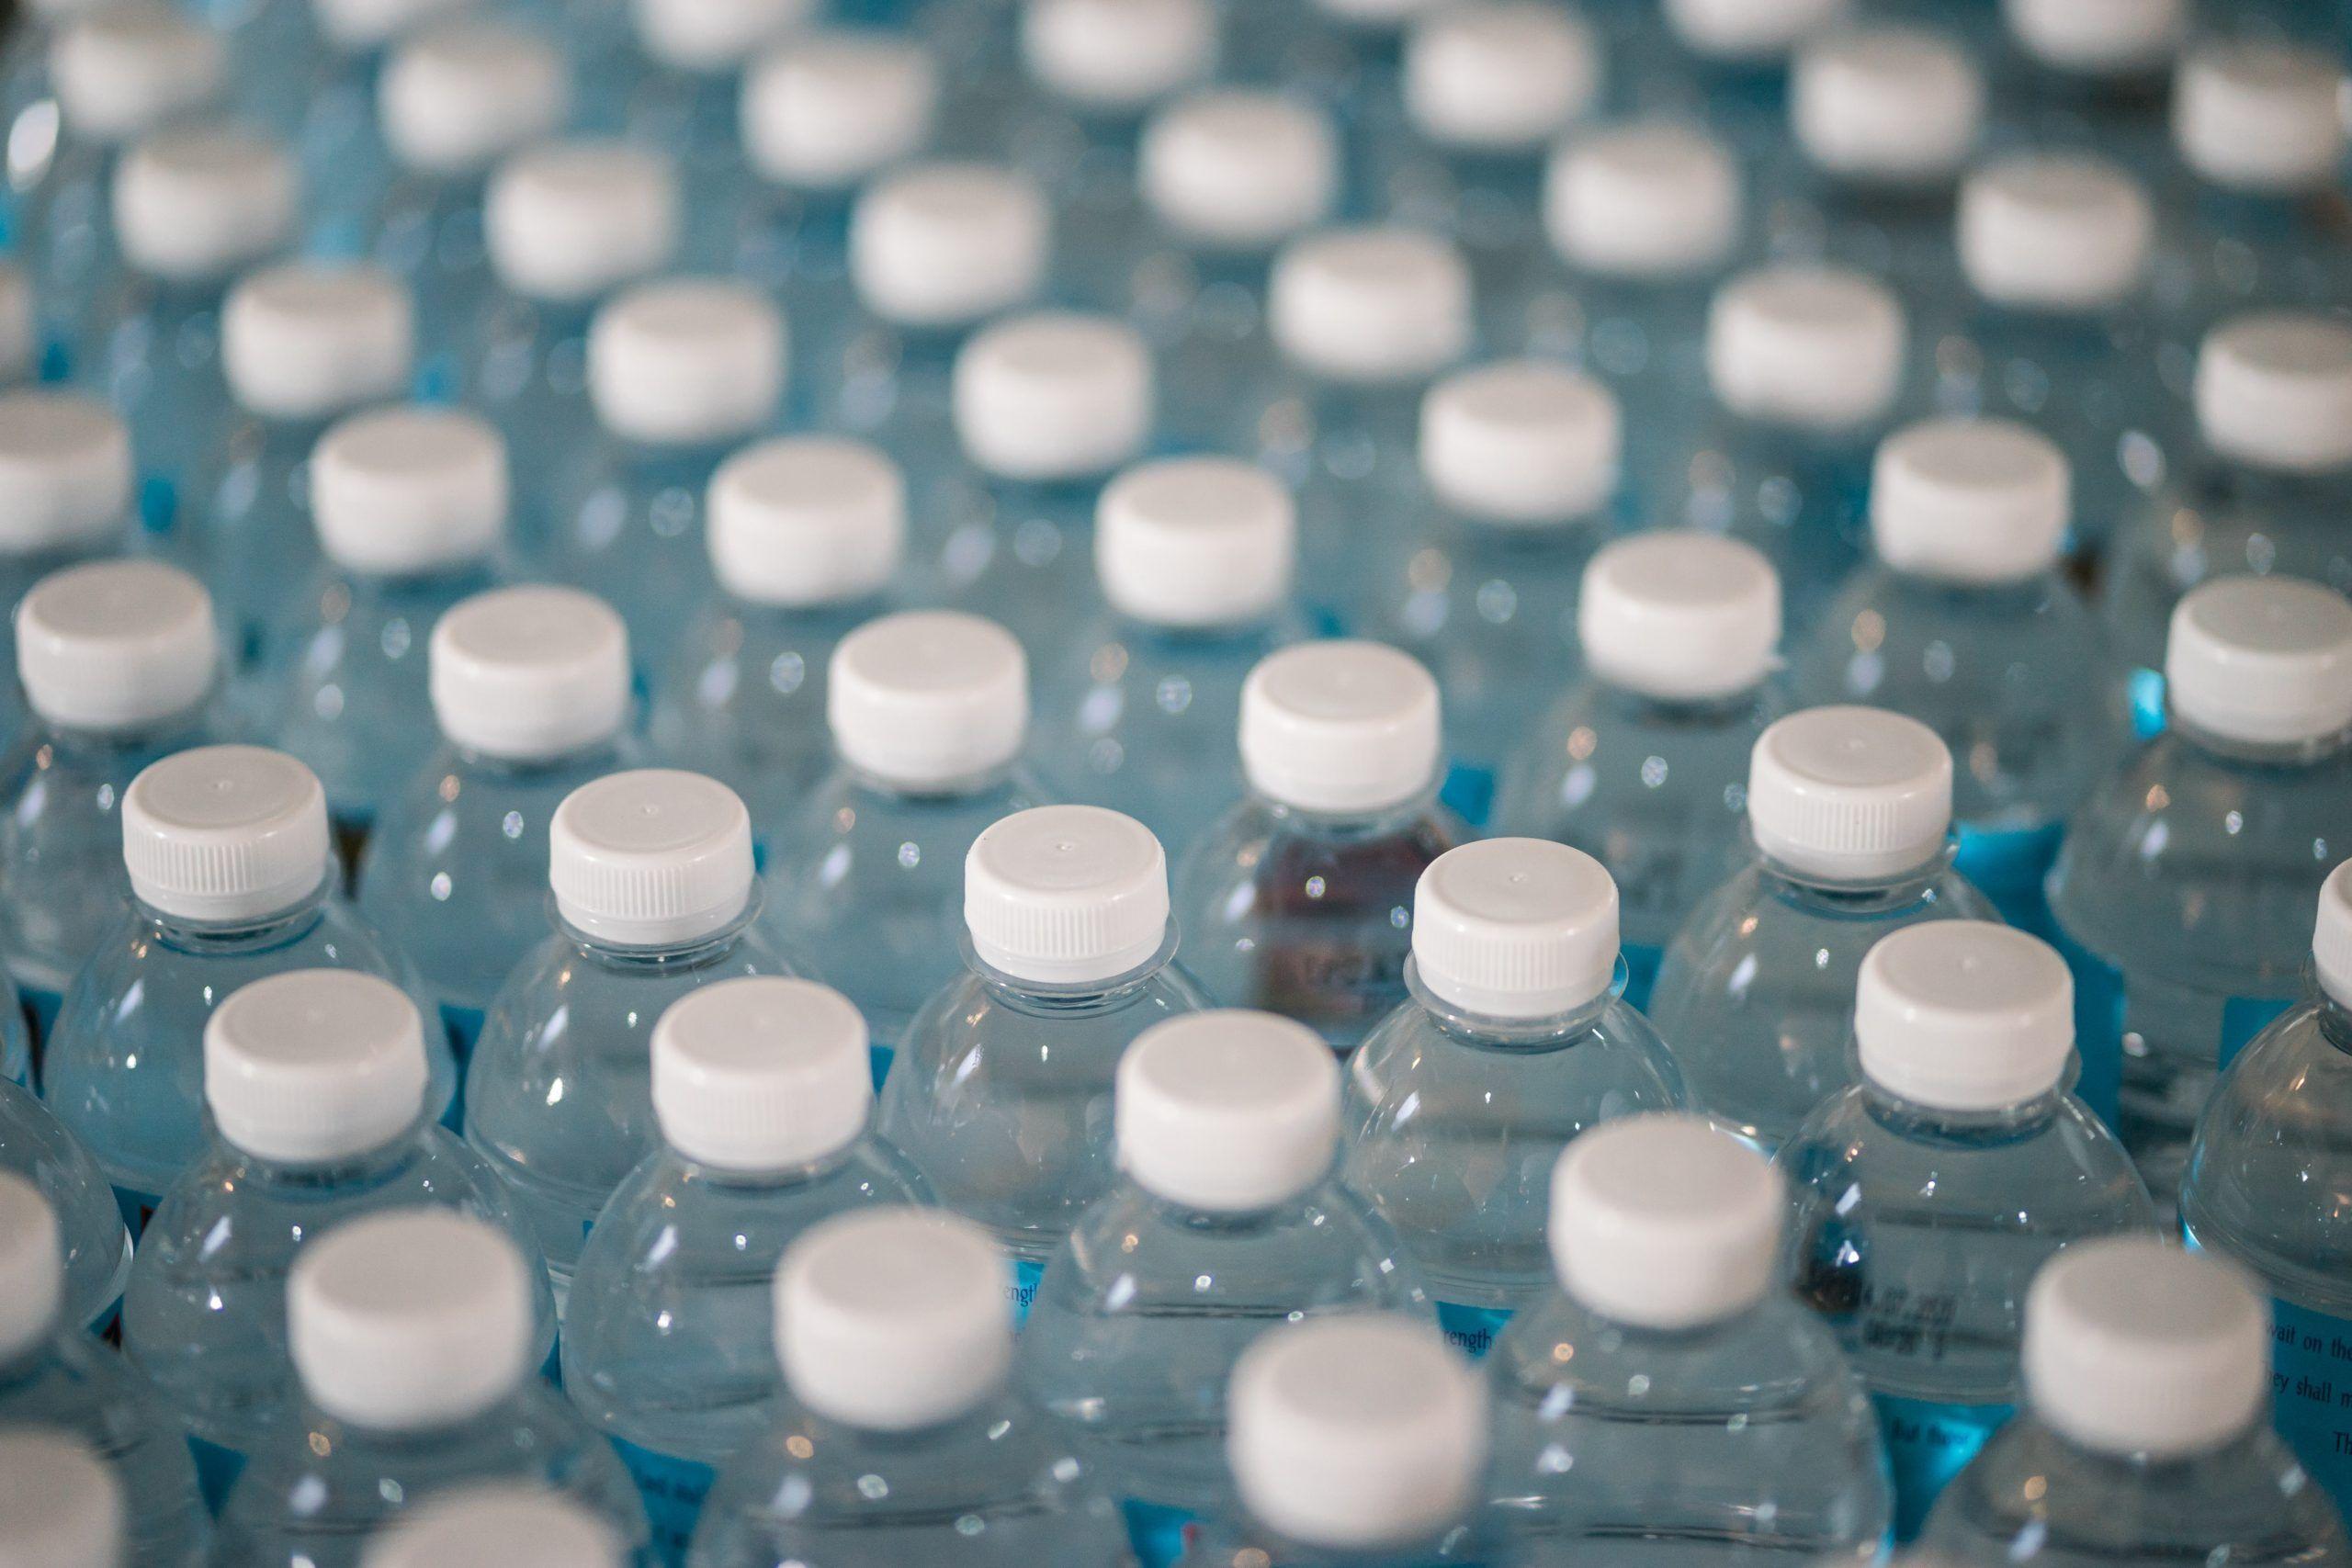 cómo beber agua sin plástico